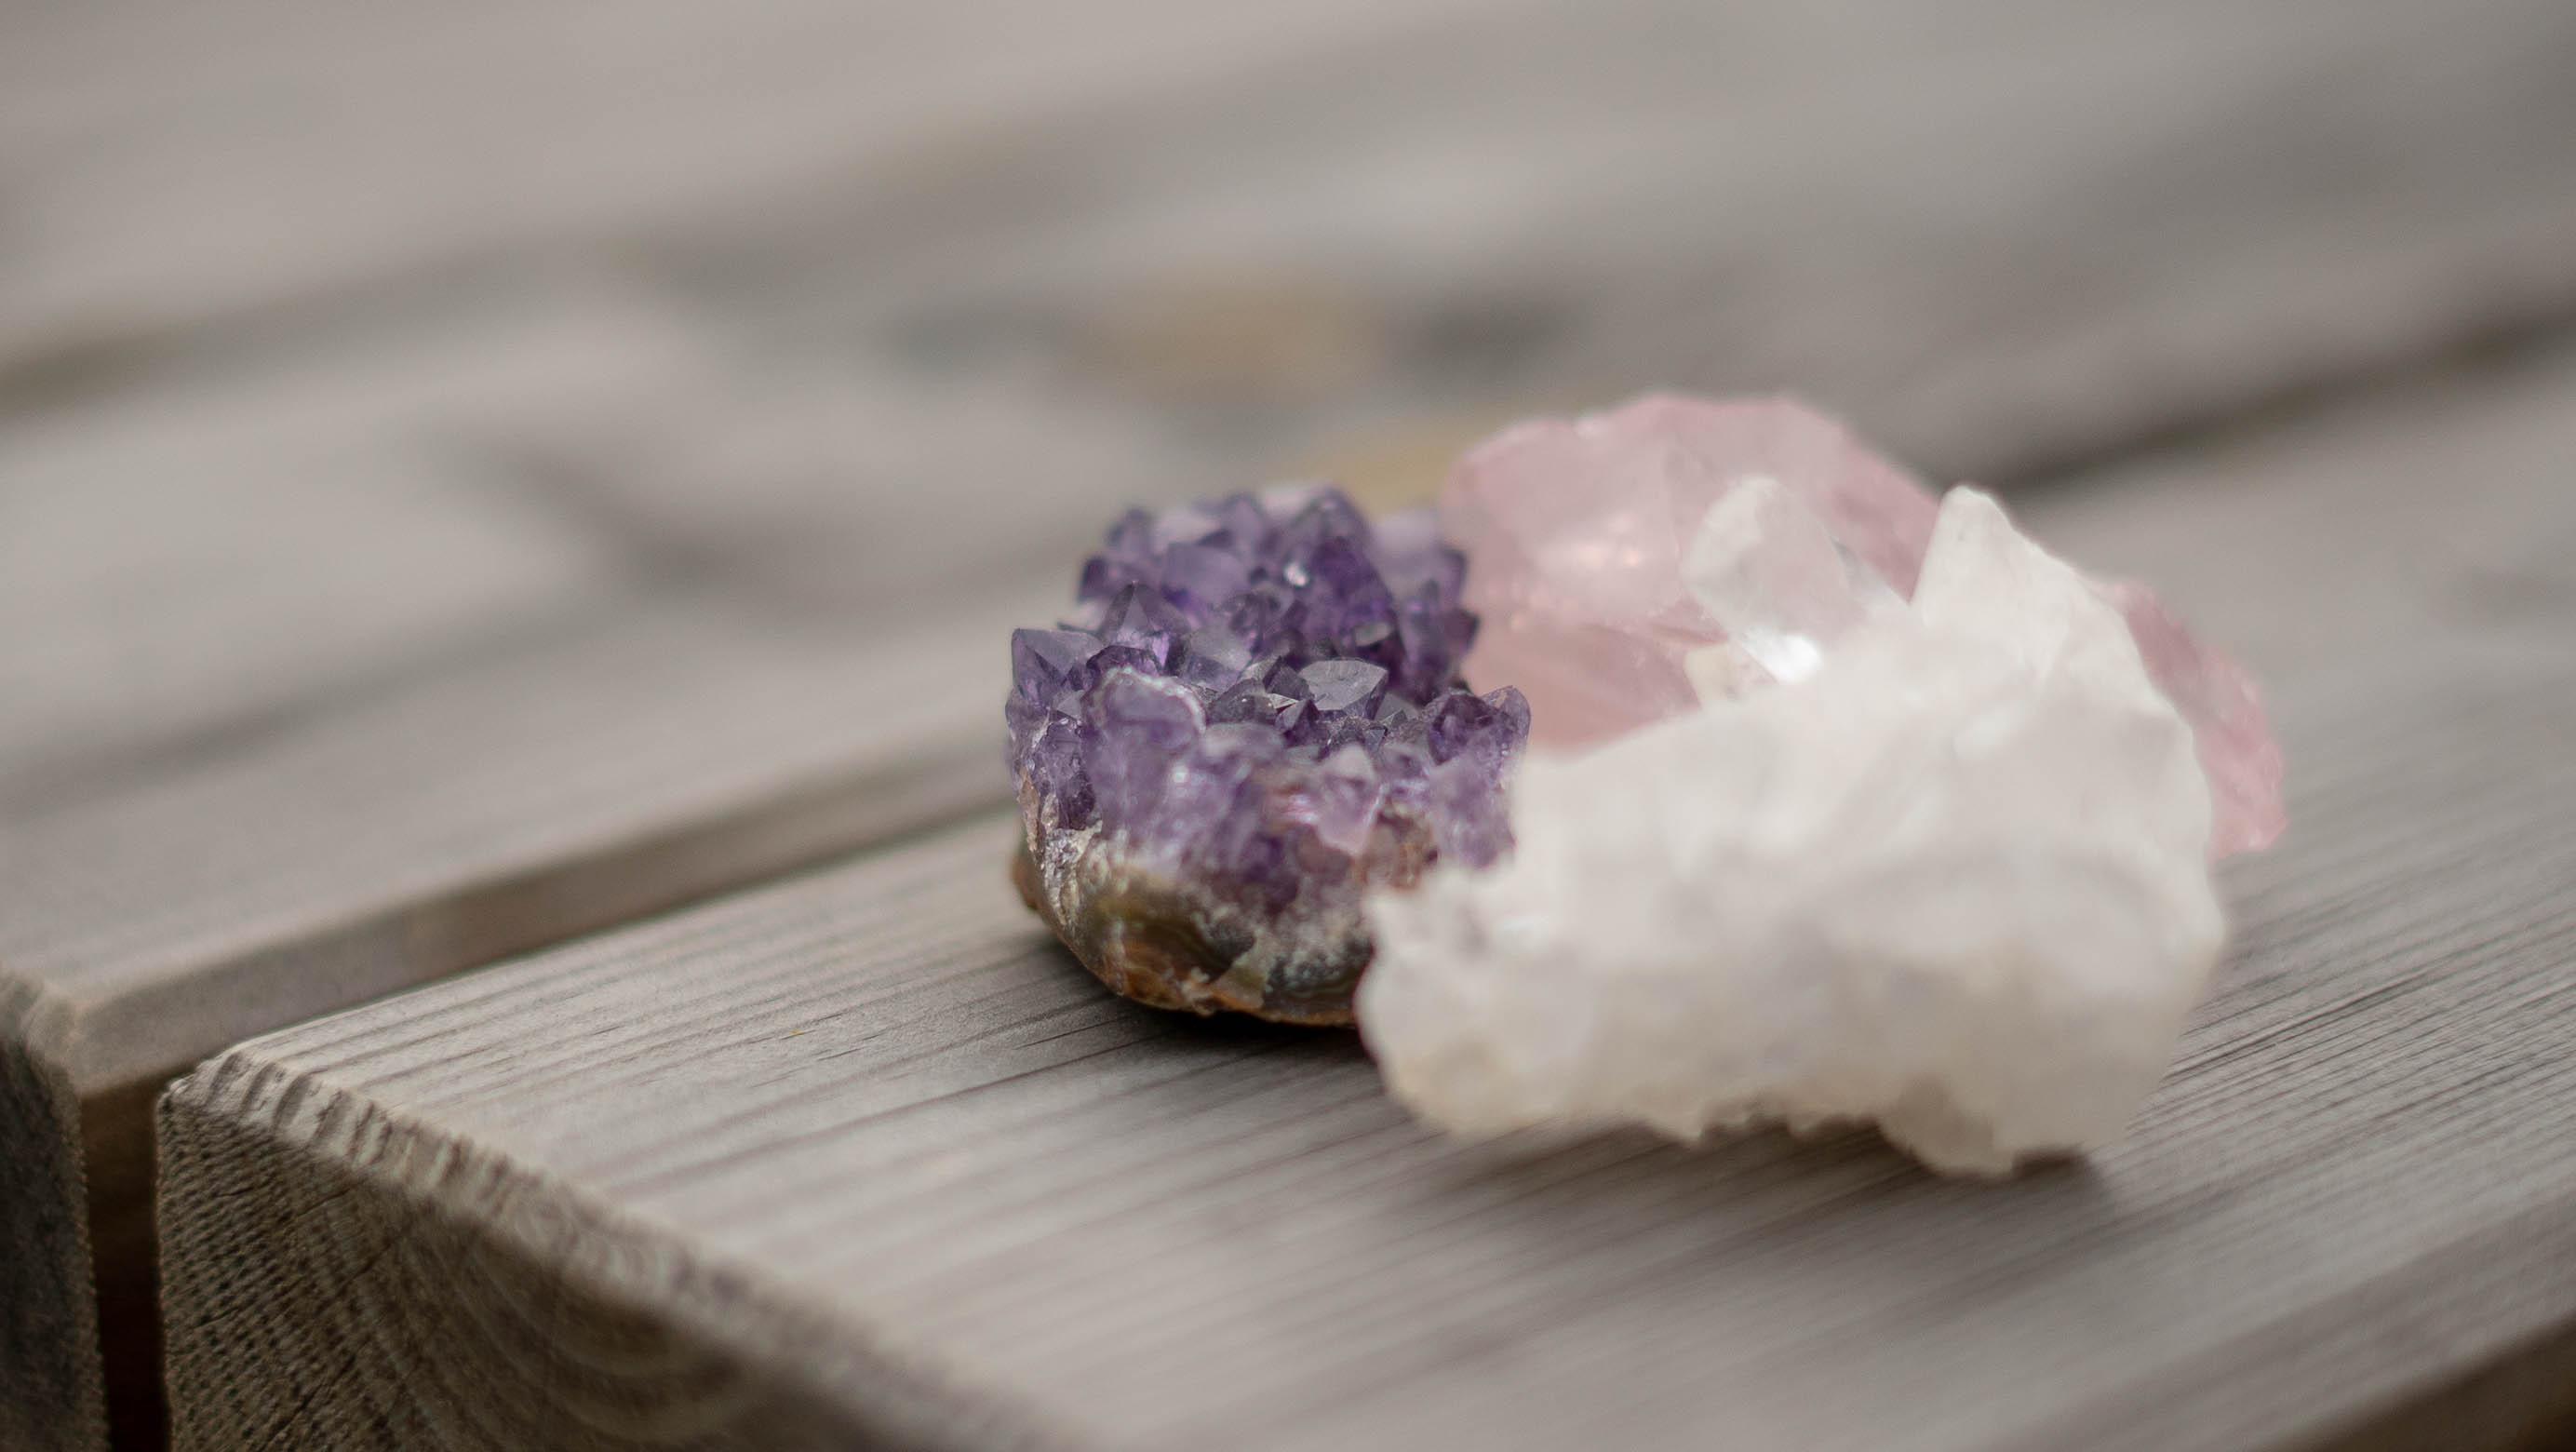 kristallen praktijk voor groei, burnout, coaching